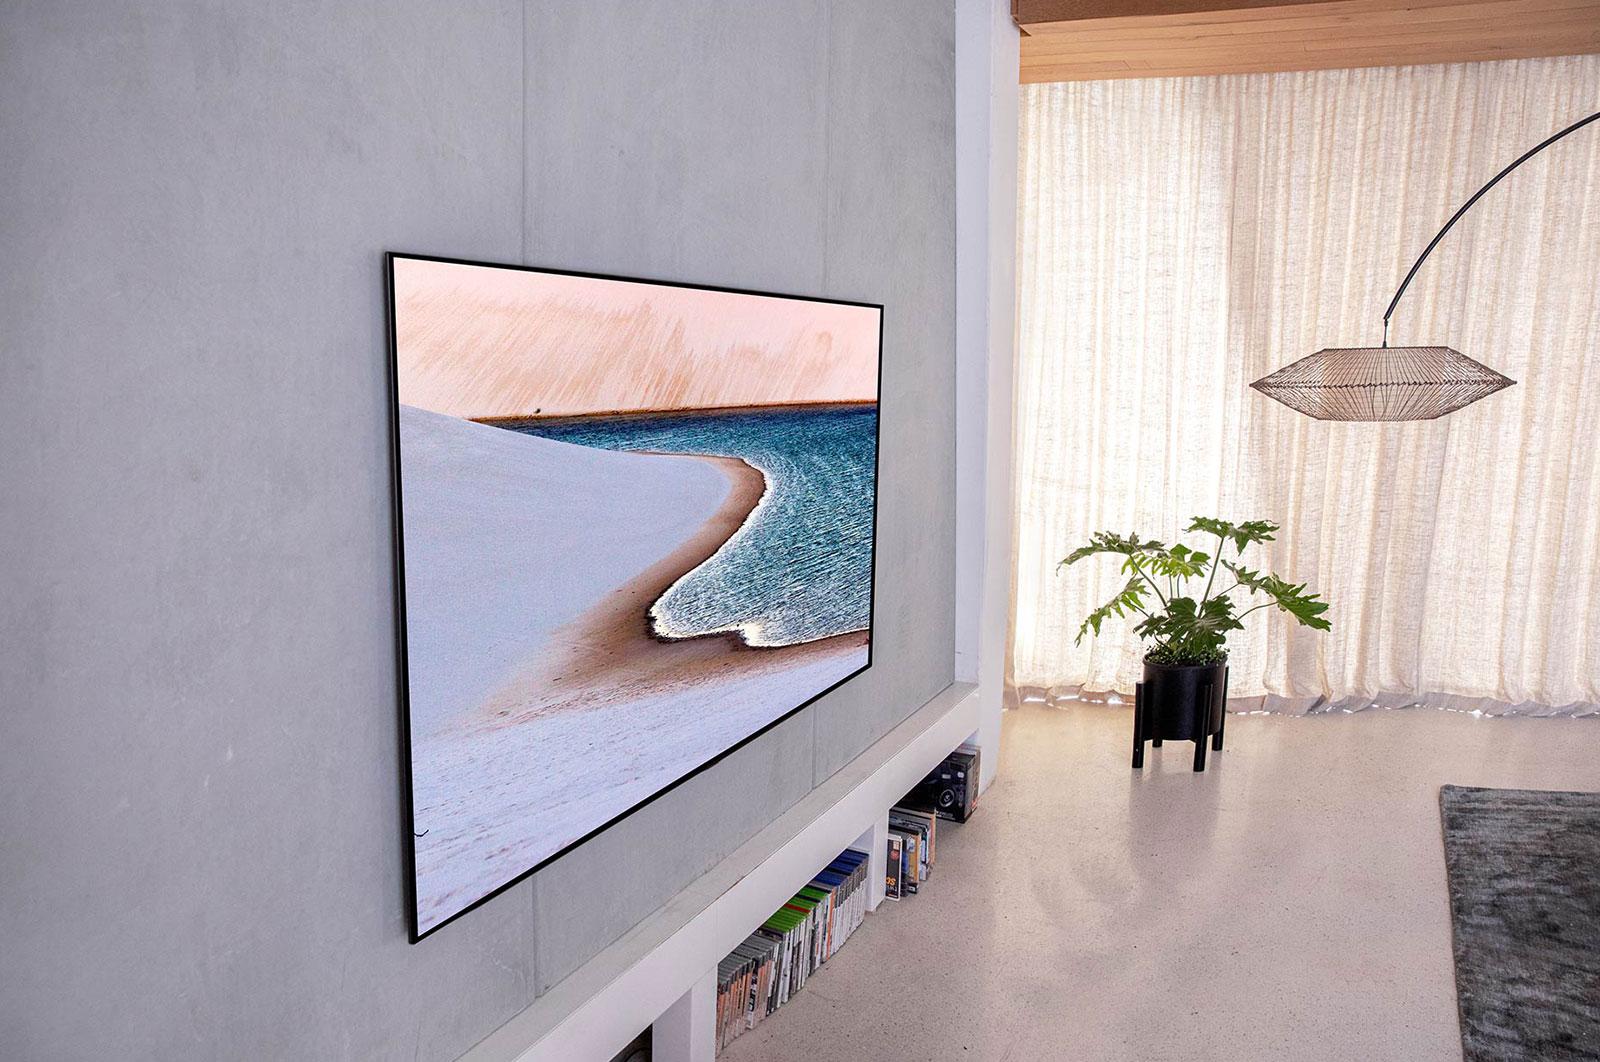 Todo depende del cristal con el que se mire, estas pantallas NanoCell de LG muestran cómo es el futuro de los televisores